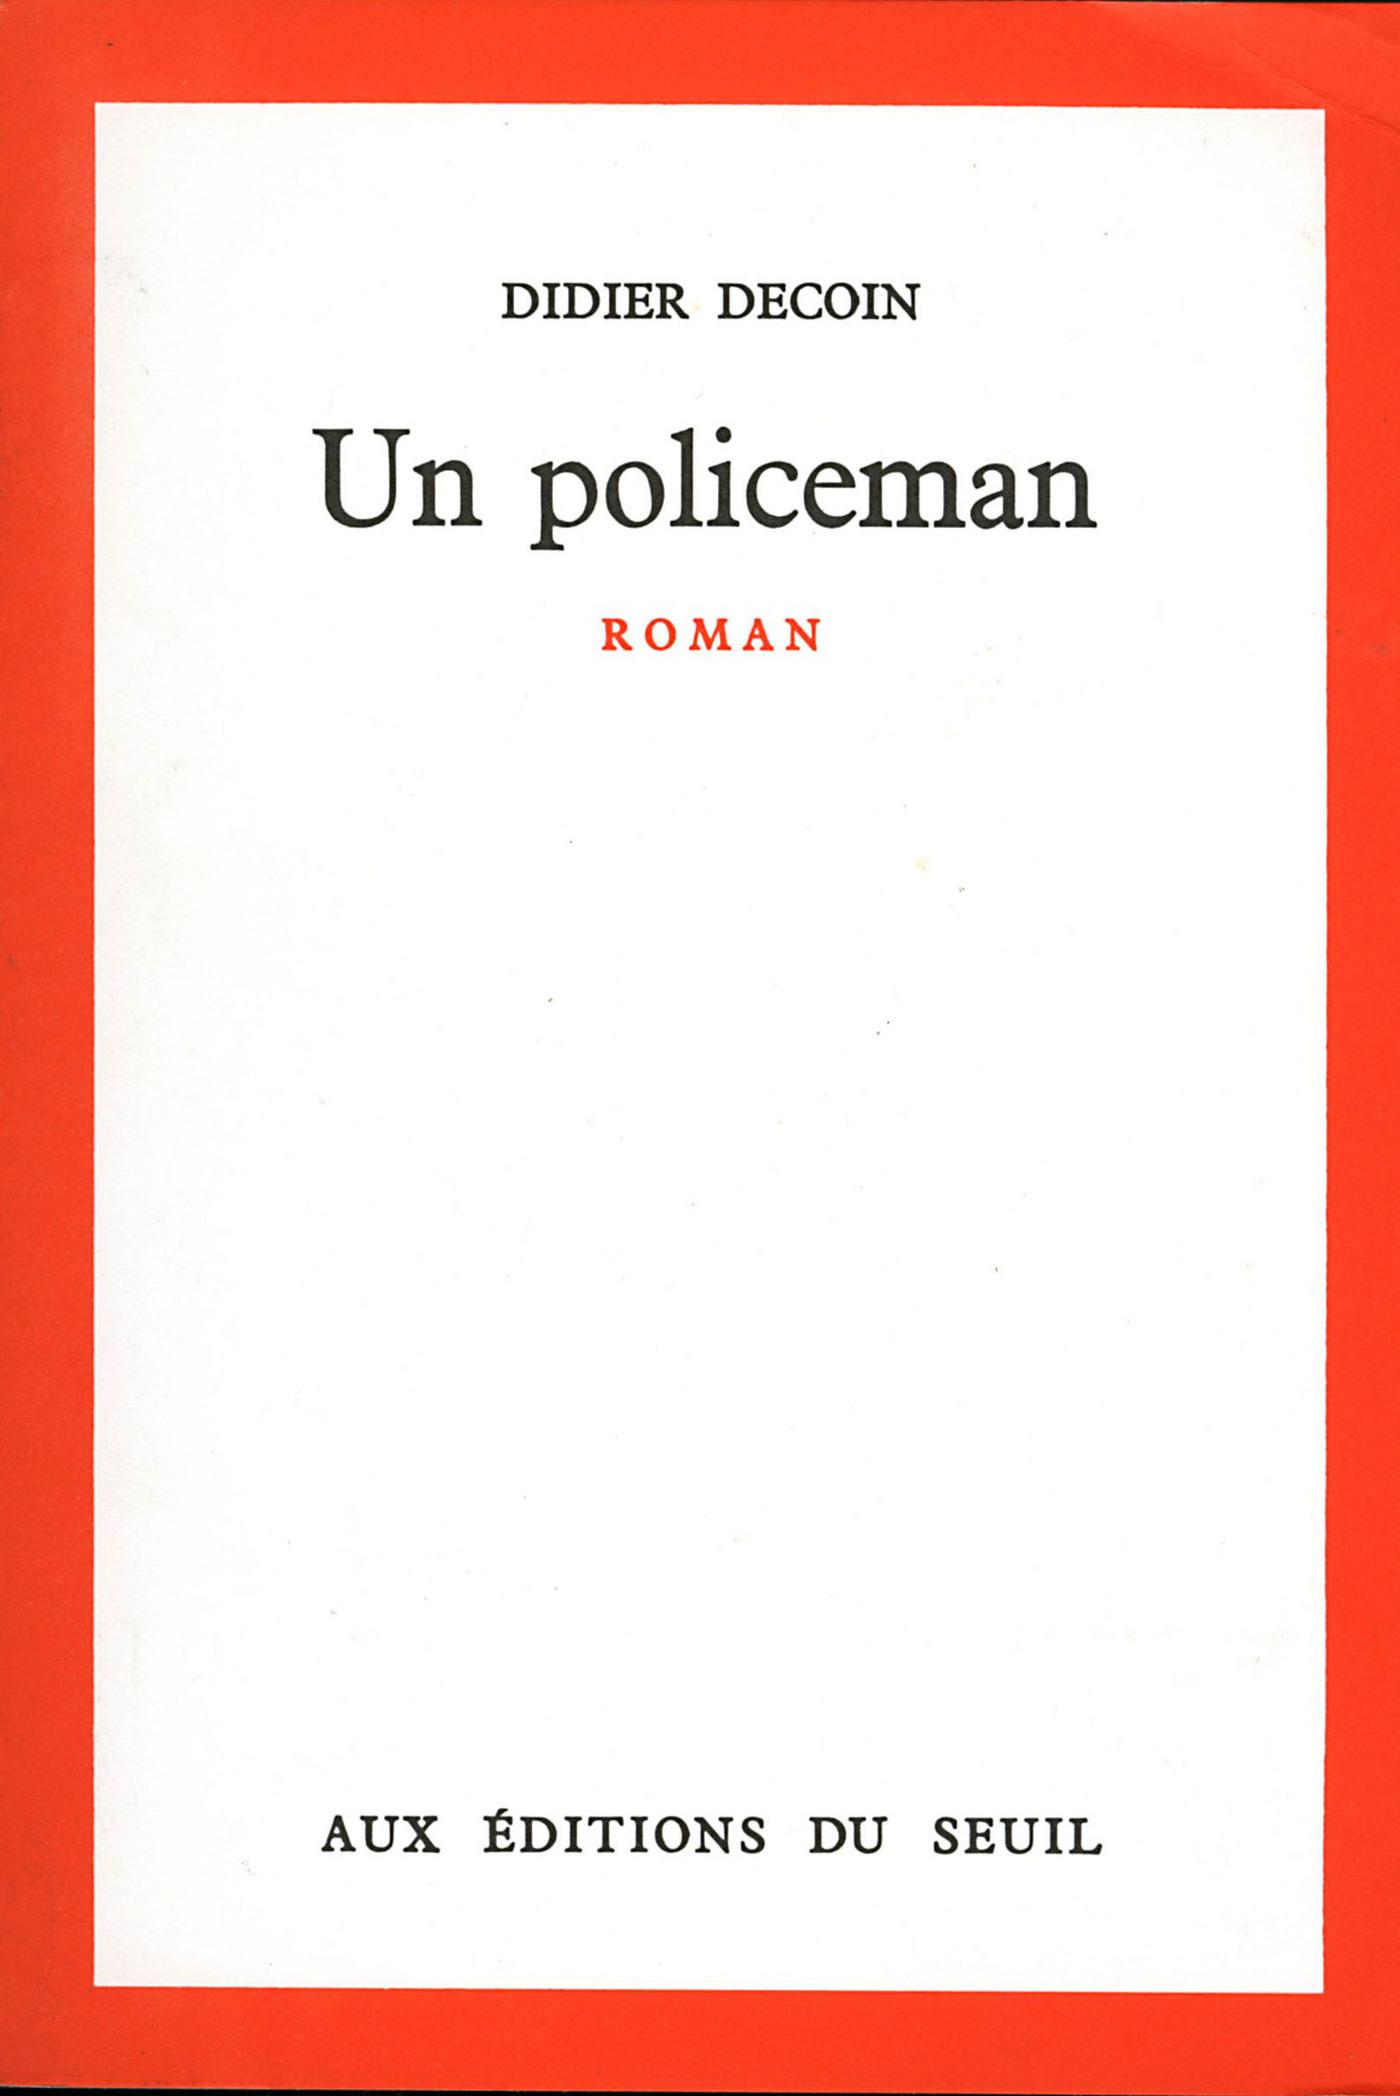 Un policeman